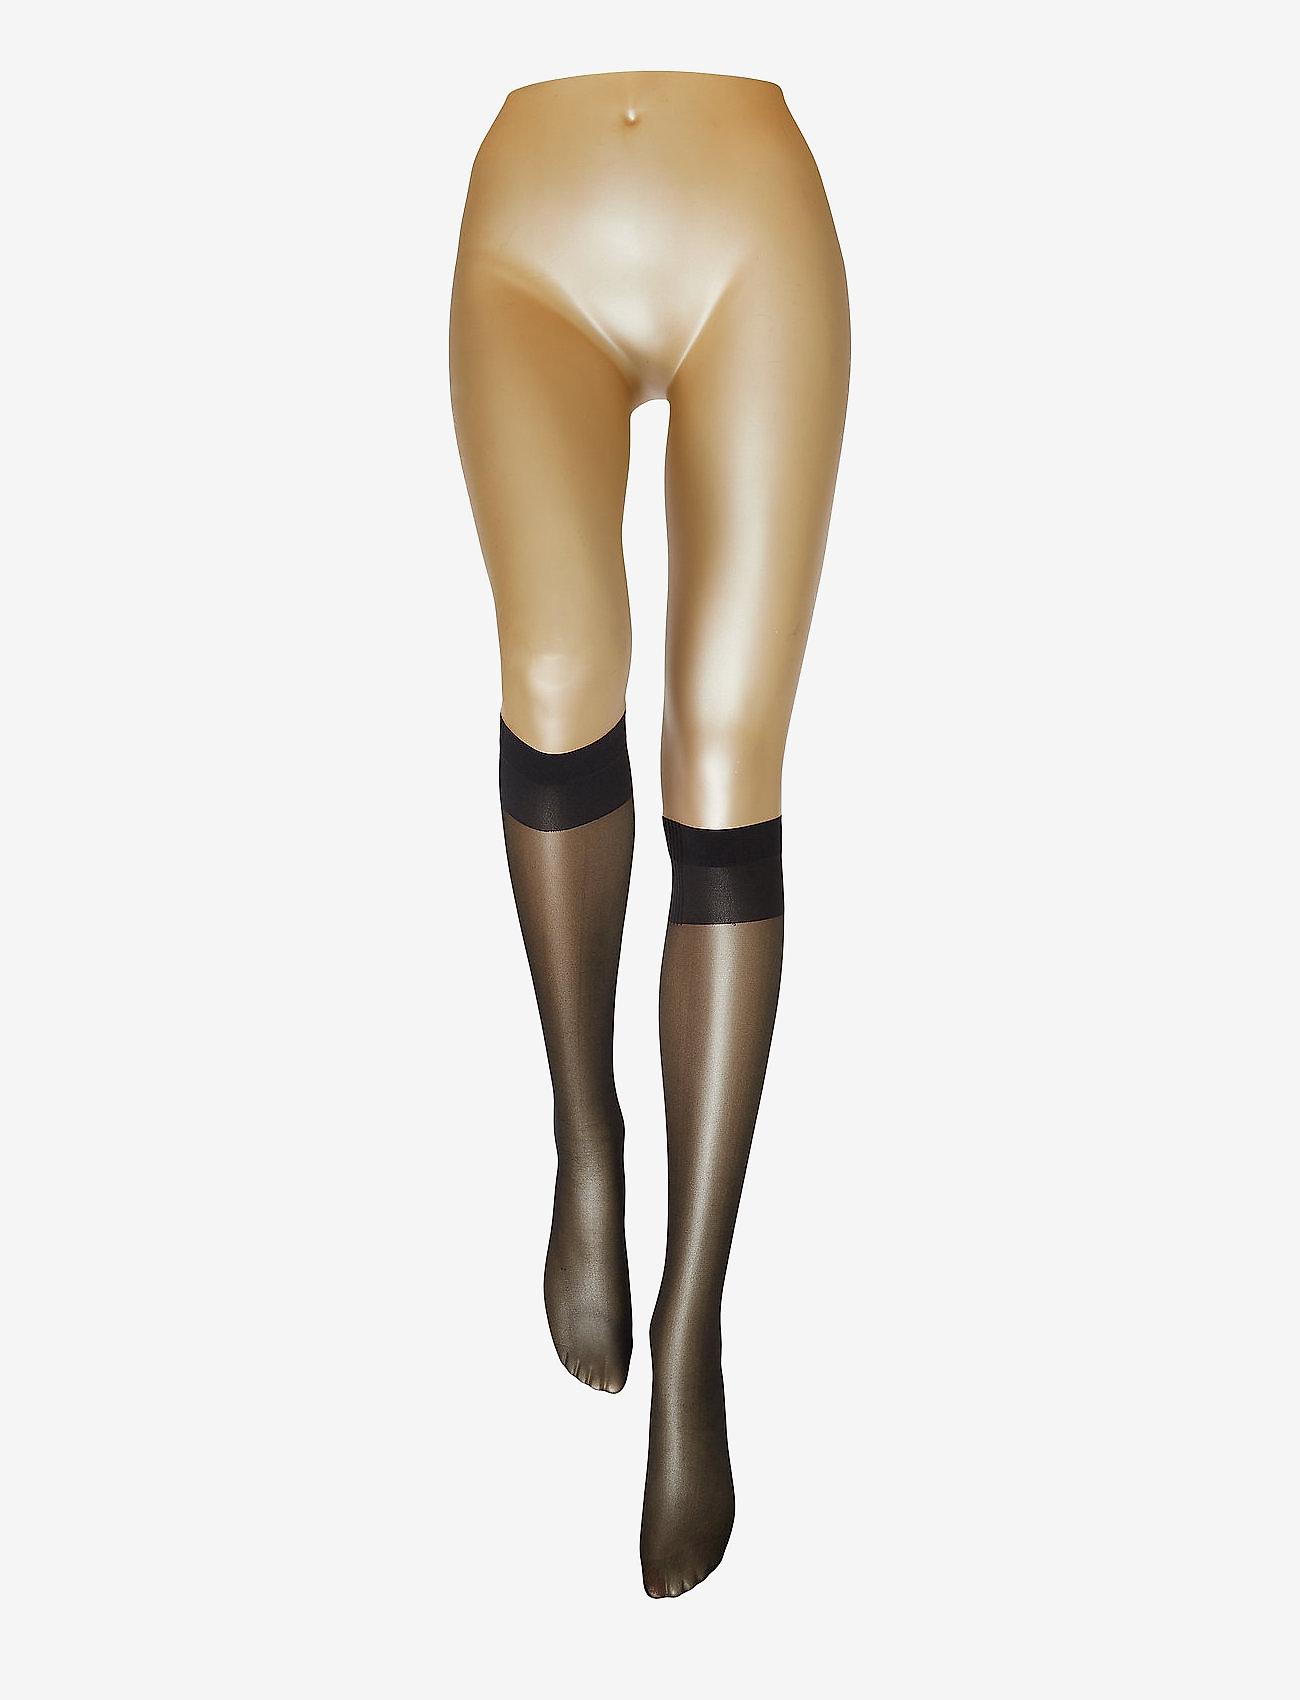 Vogue - Ladies den knee-high, Pleasure Knee 20, 2-pack - kniekousen - black - 1